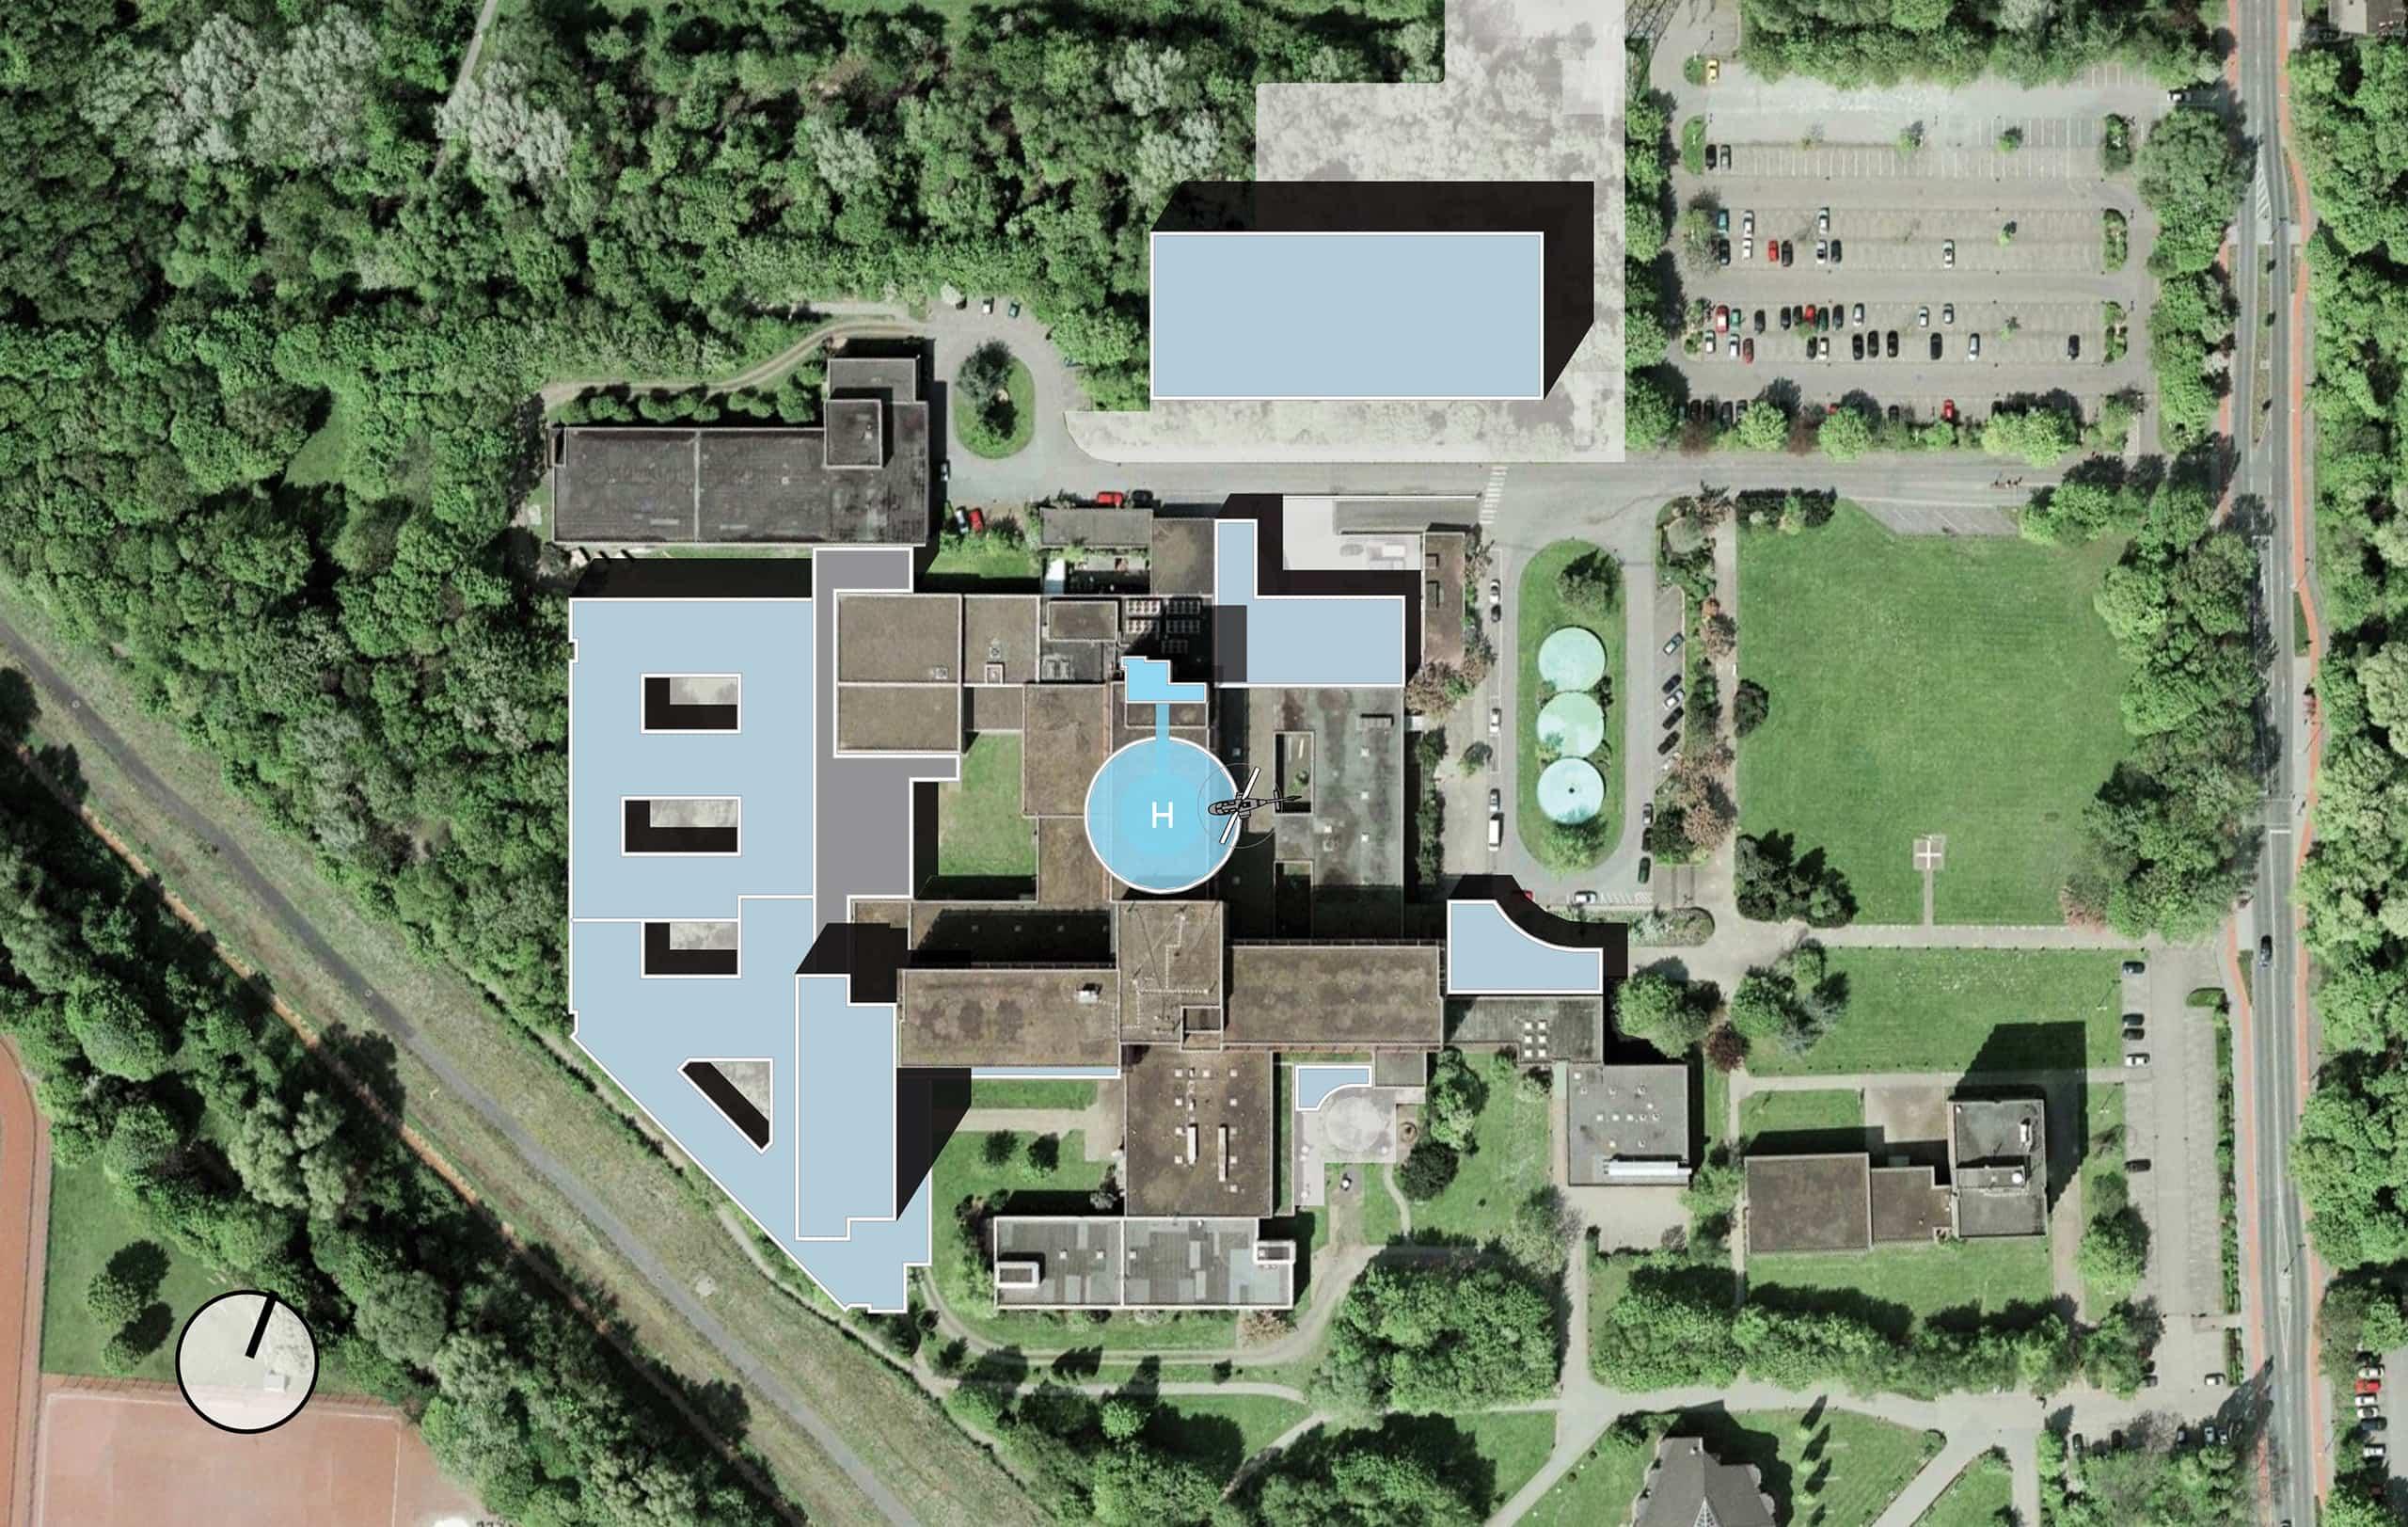 sektor3architekten-Zielplanung-Zusammenlegung-Krankenhäuser